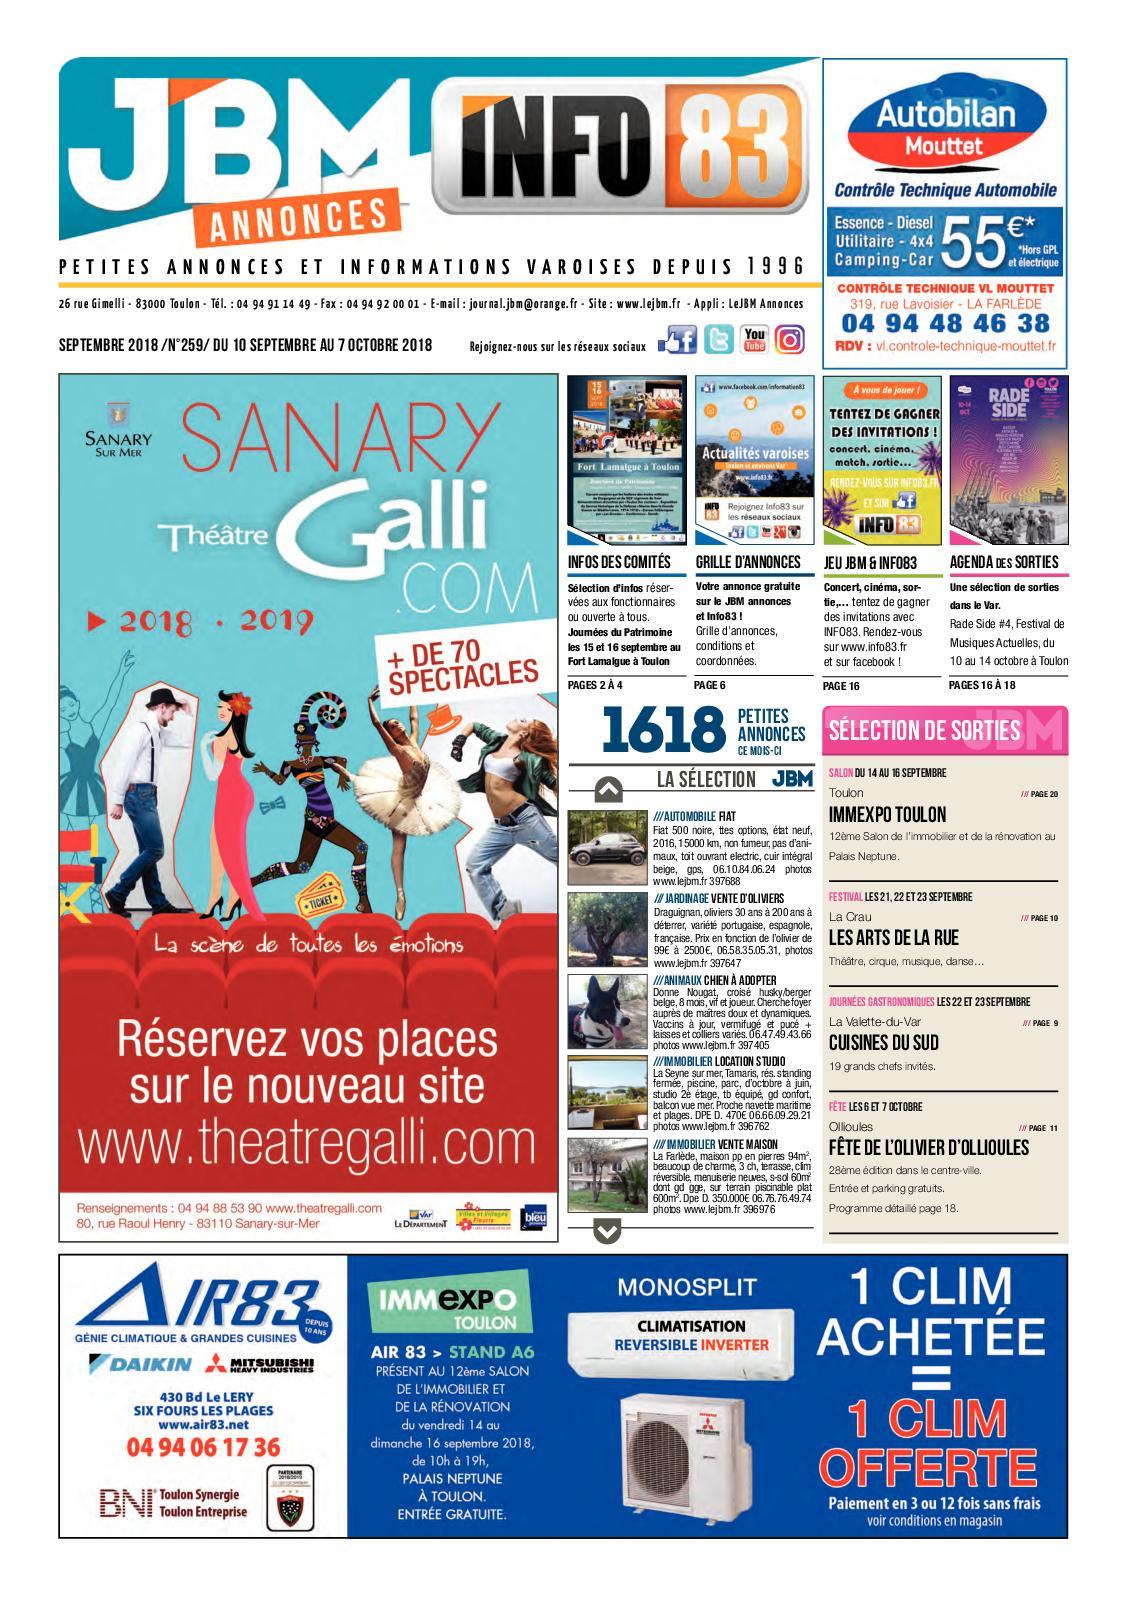 Calaméo - Jbm259-septembre2018 4ae5101f6d3